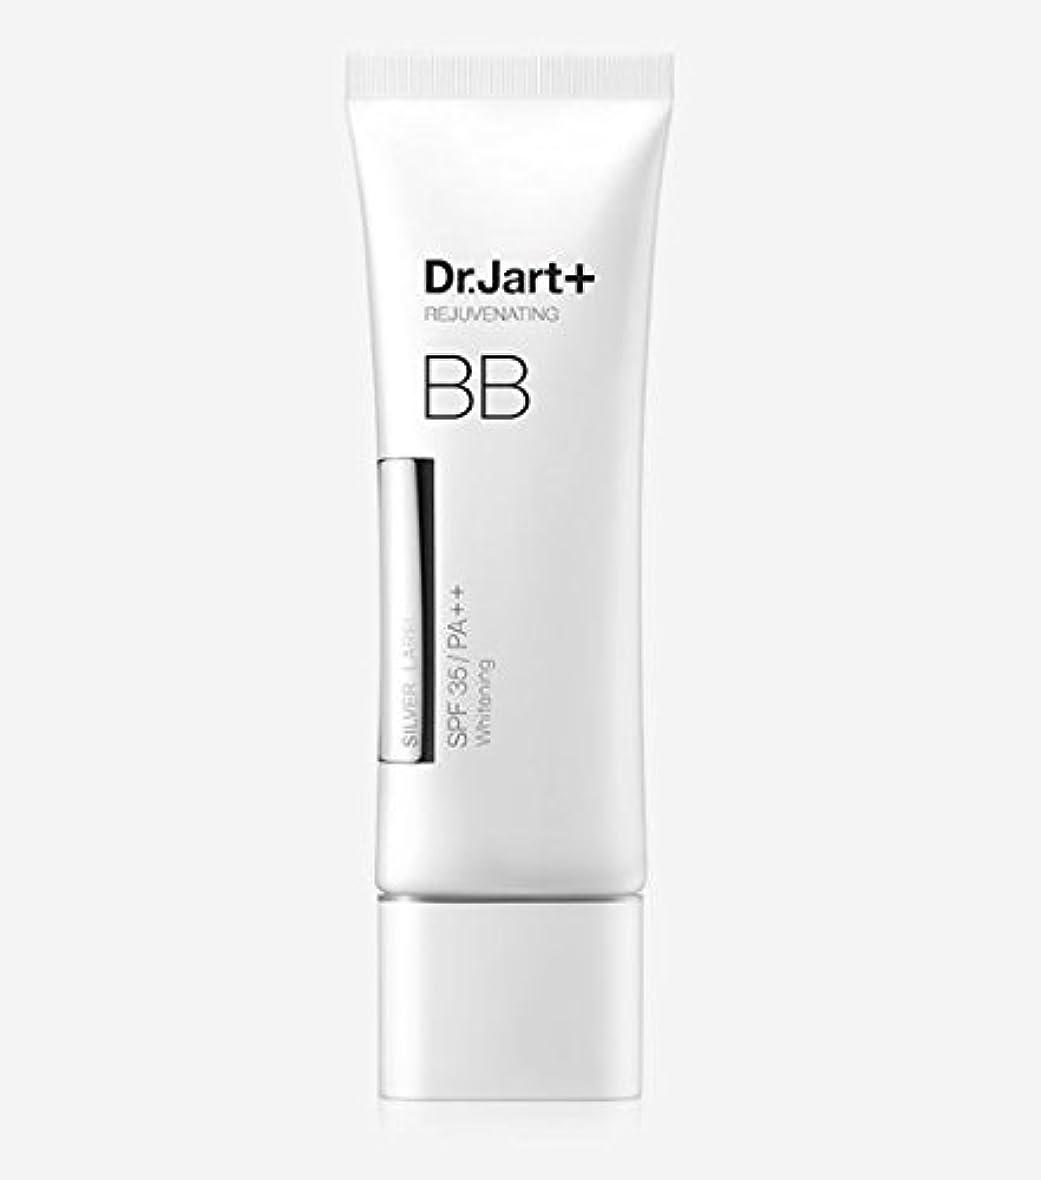 アルミニウムブロンズ音楽家[Dr. Jart] Silver Label BB Rejuvenating Beauty Balm 50ml SPF35 PA++/[ドクタージャルト] シルバーラベル BB リジュビネイティング ビューティー バーム...